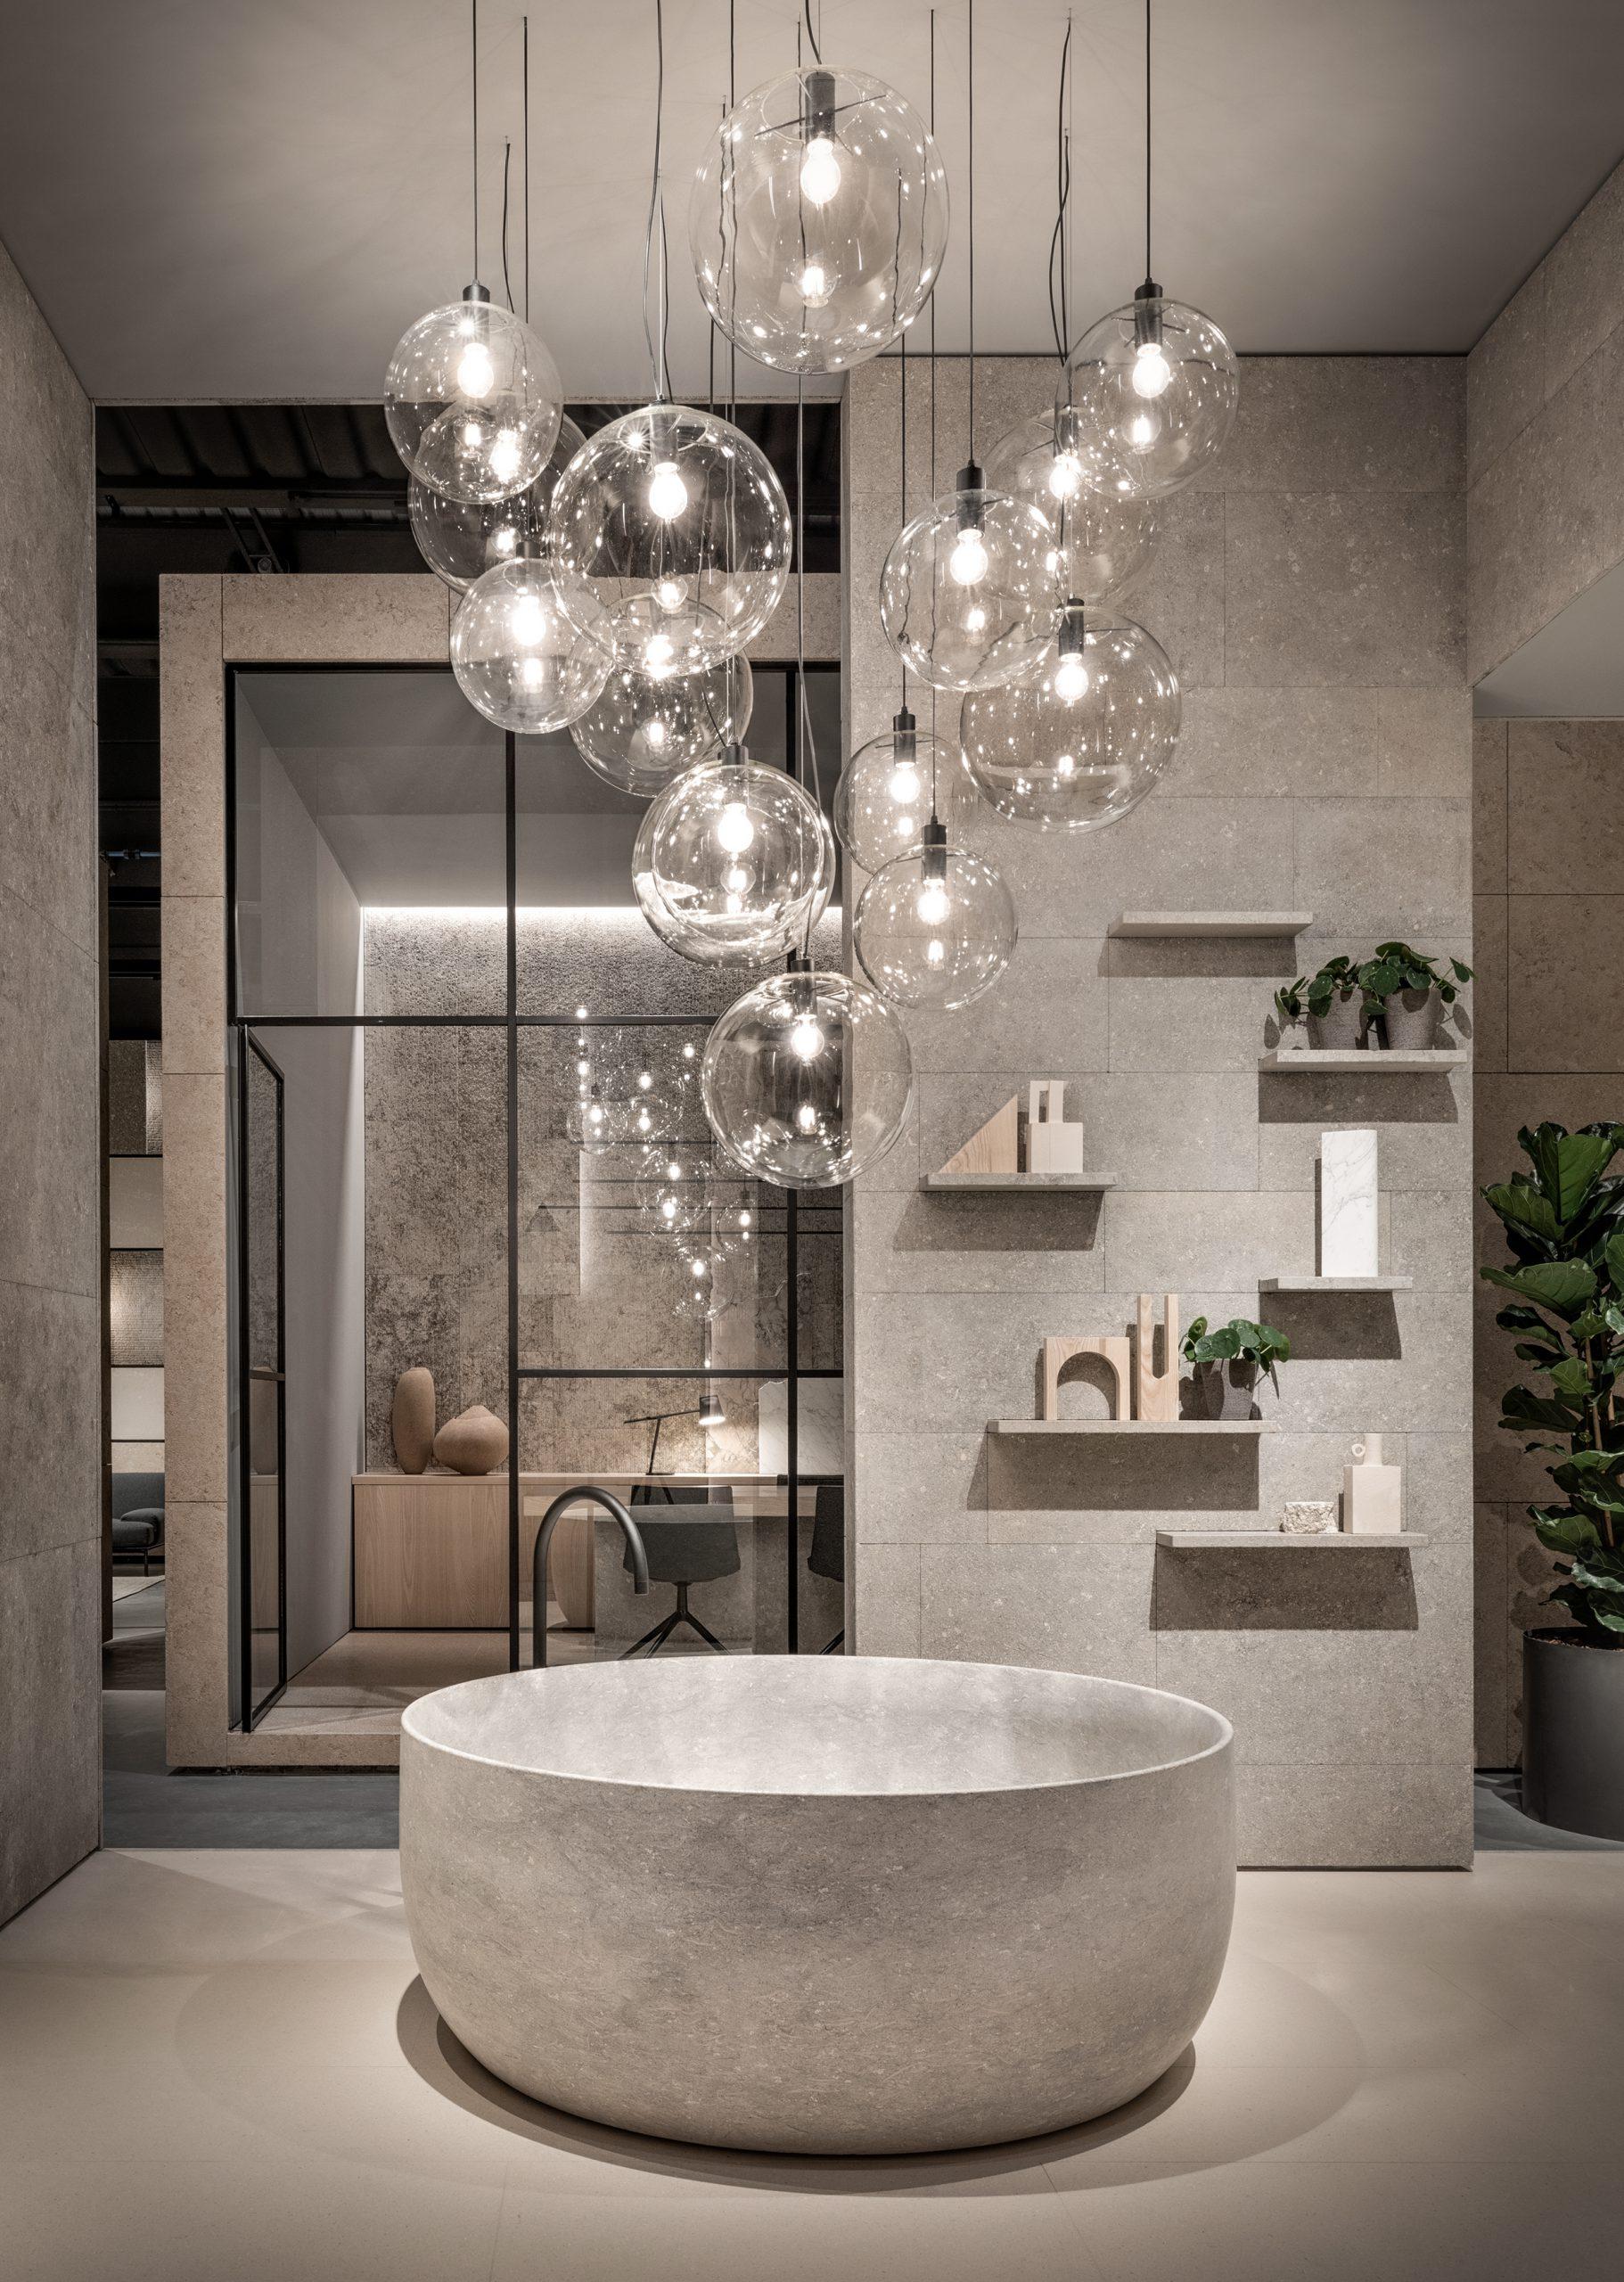 Freestanding Pietra di vicenza bathtub in Grassi Pietre's showroom designed by Debiasi Sandri